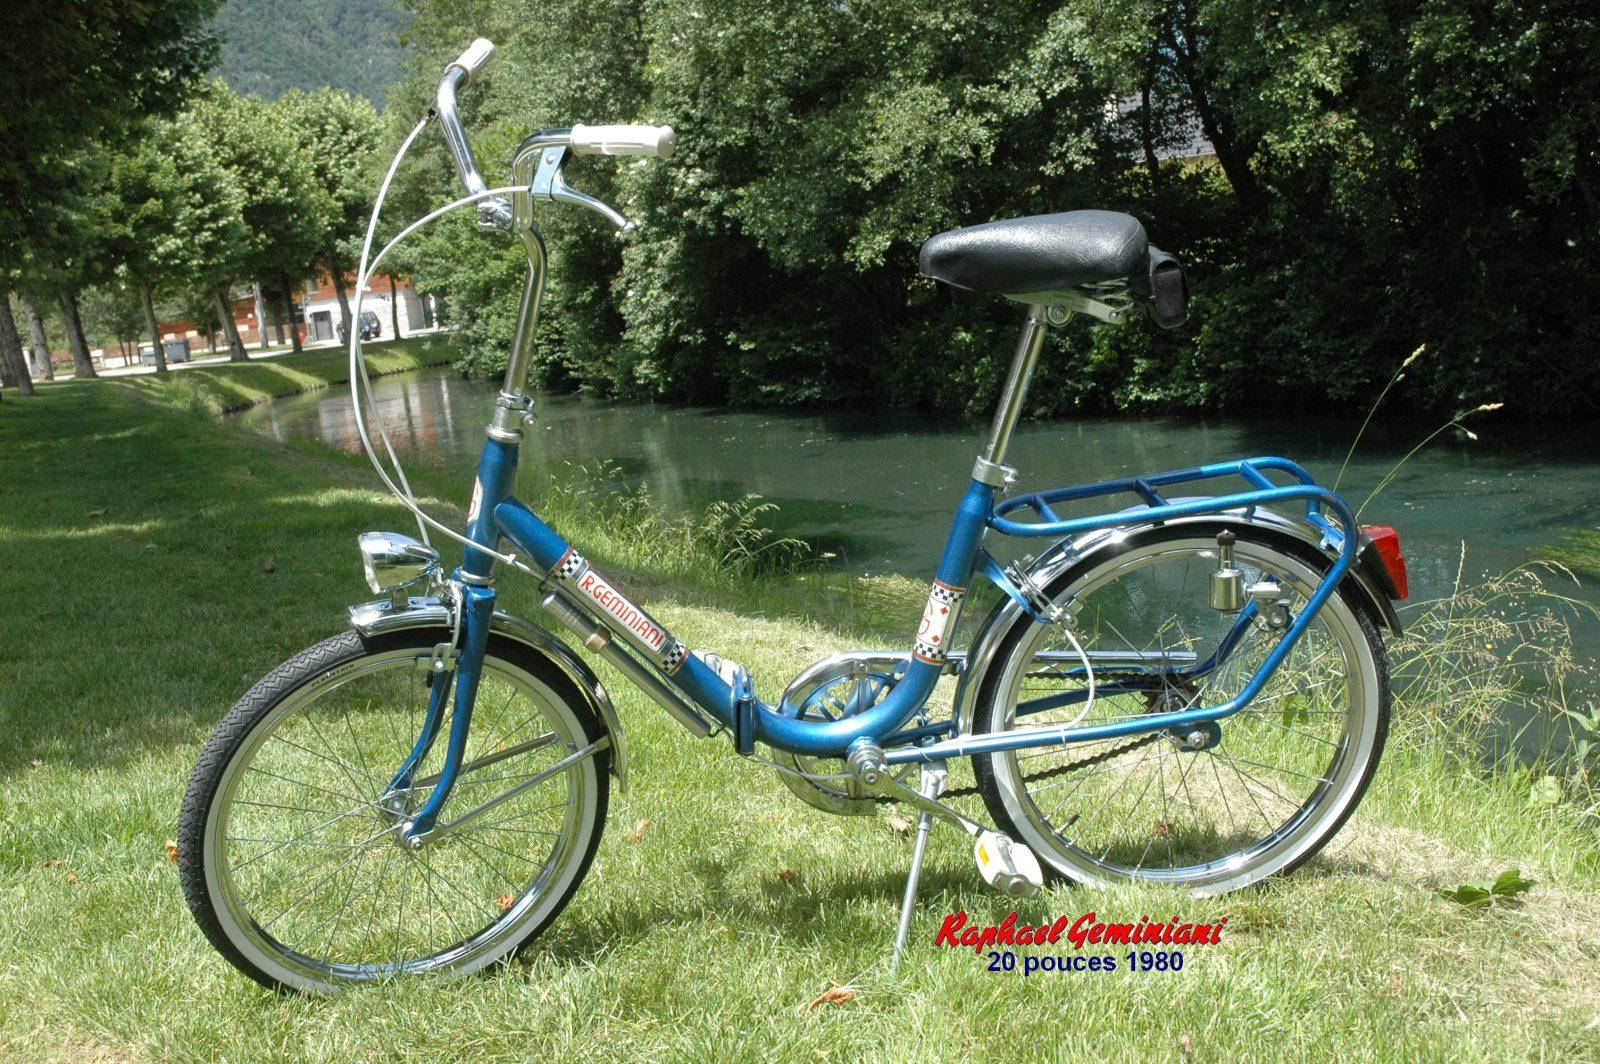 Démonstration : restauration de vélo ancien (3)